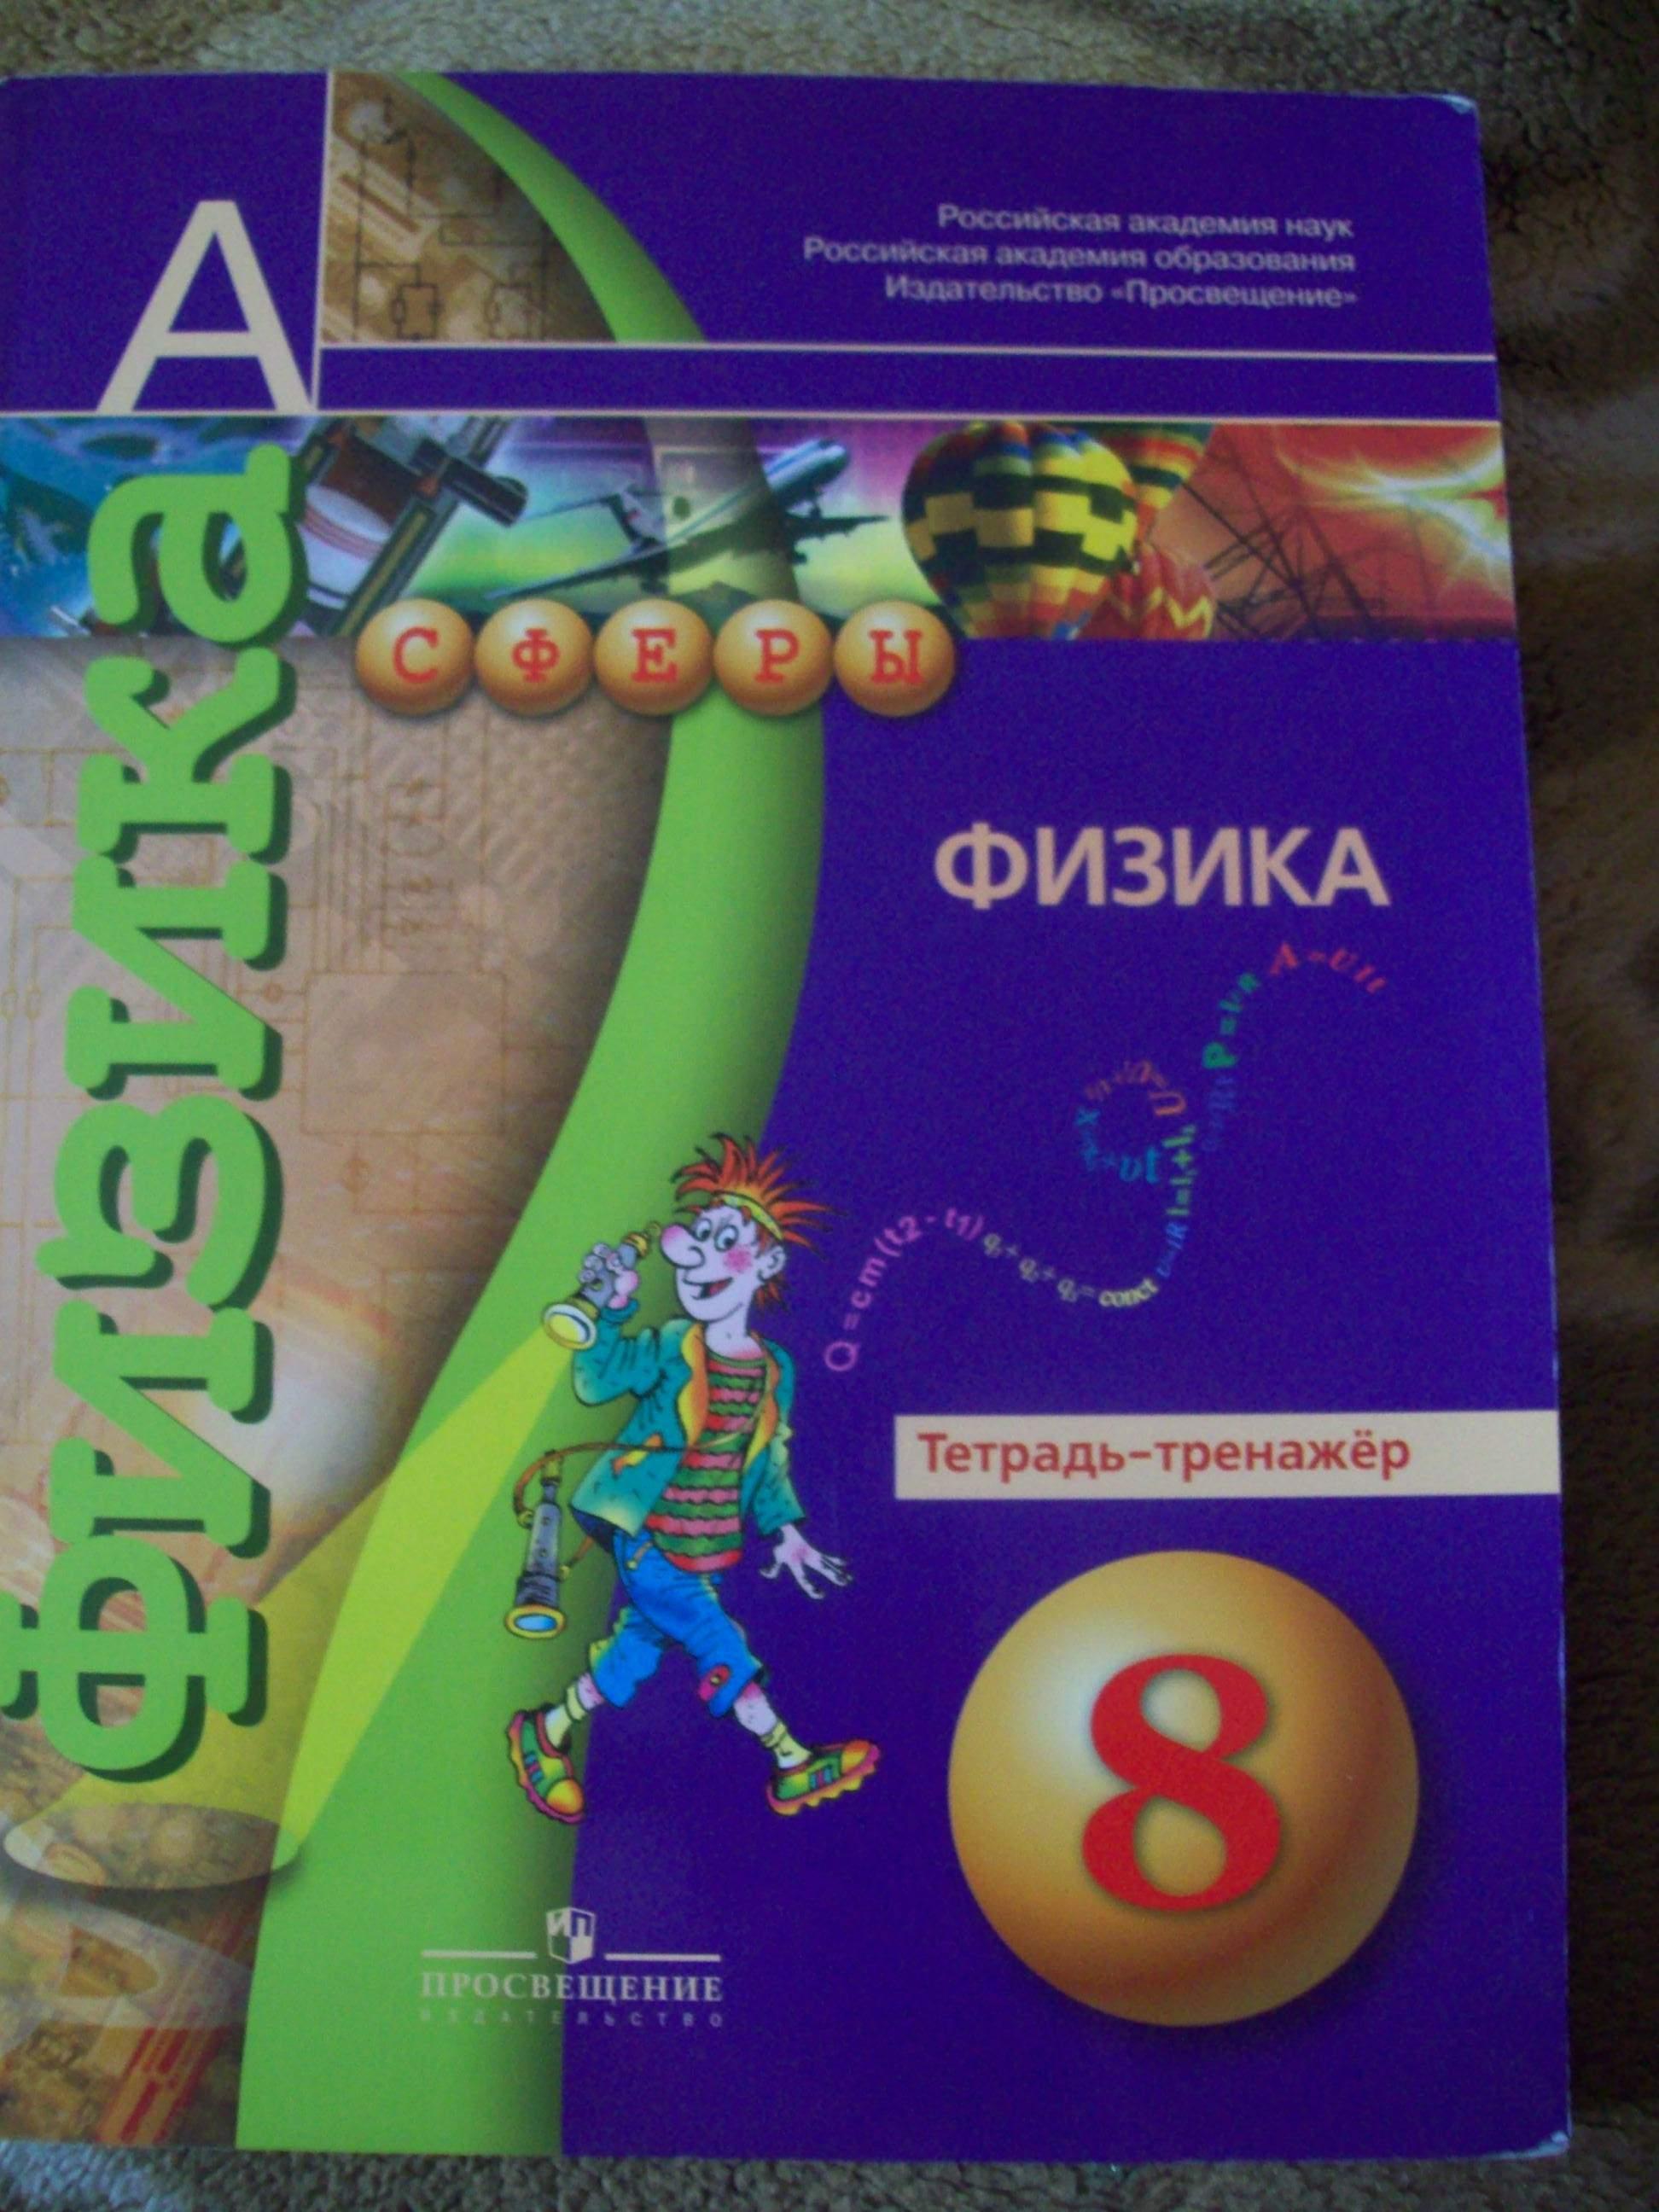 кучменко г учебник биология м в класс в с константинов в 7 гдз бабенко